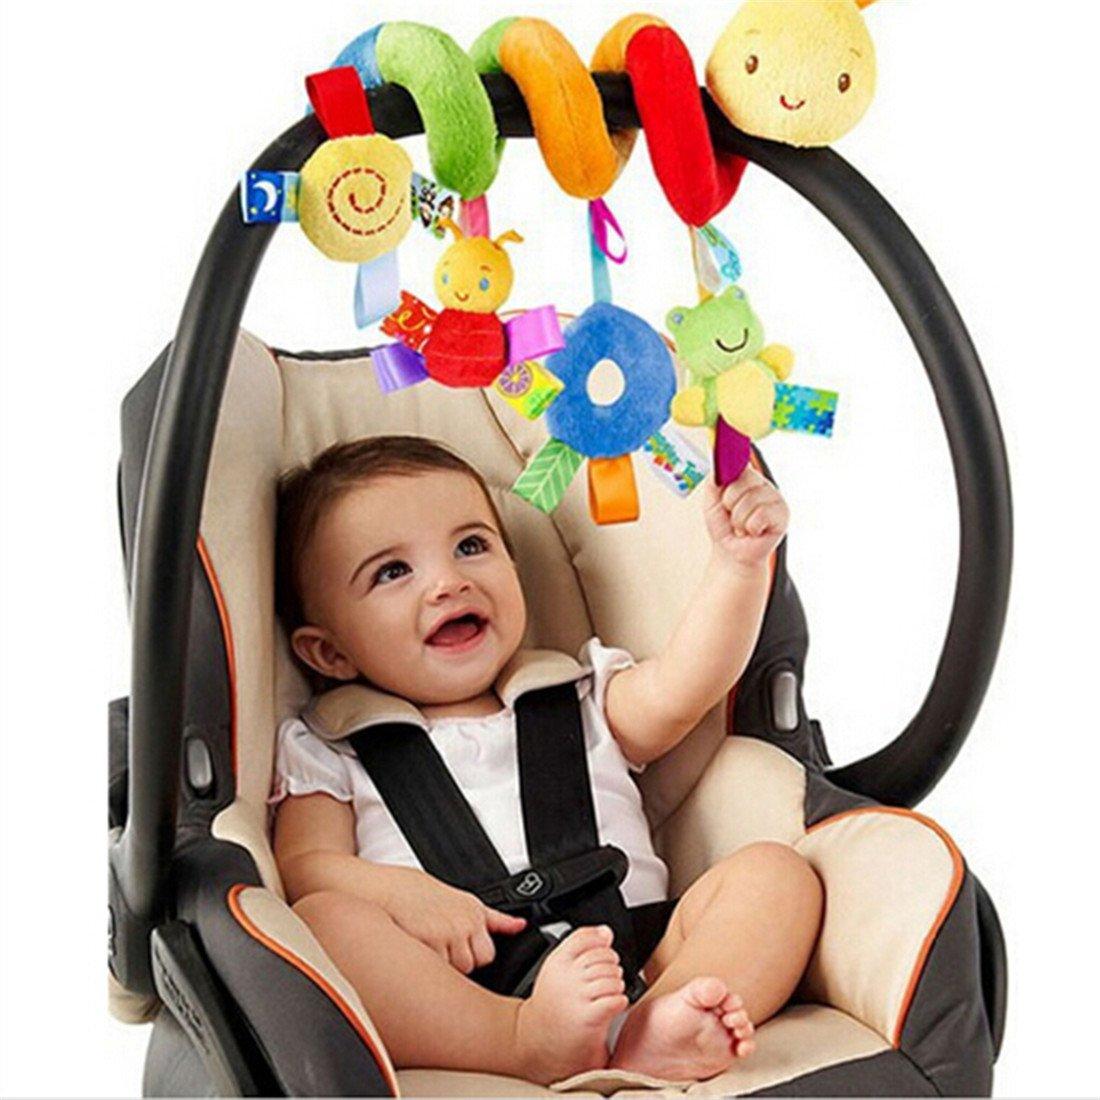 Kleinkind/Baby Aktivitäts-Spiral-Plüschspielzeug Für Bett, Kinderbett, Kinderwagen, Spielzeug zum Aufhängen, Babyrassel, Spielzeug für Neugeborene, Mädchen, Jungen, Kleinkinder von TheBigThumb Yingwei